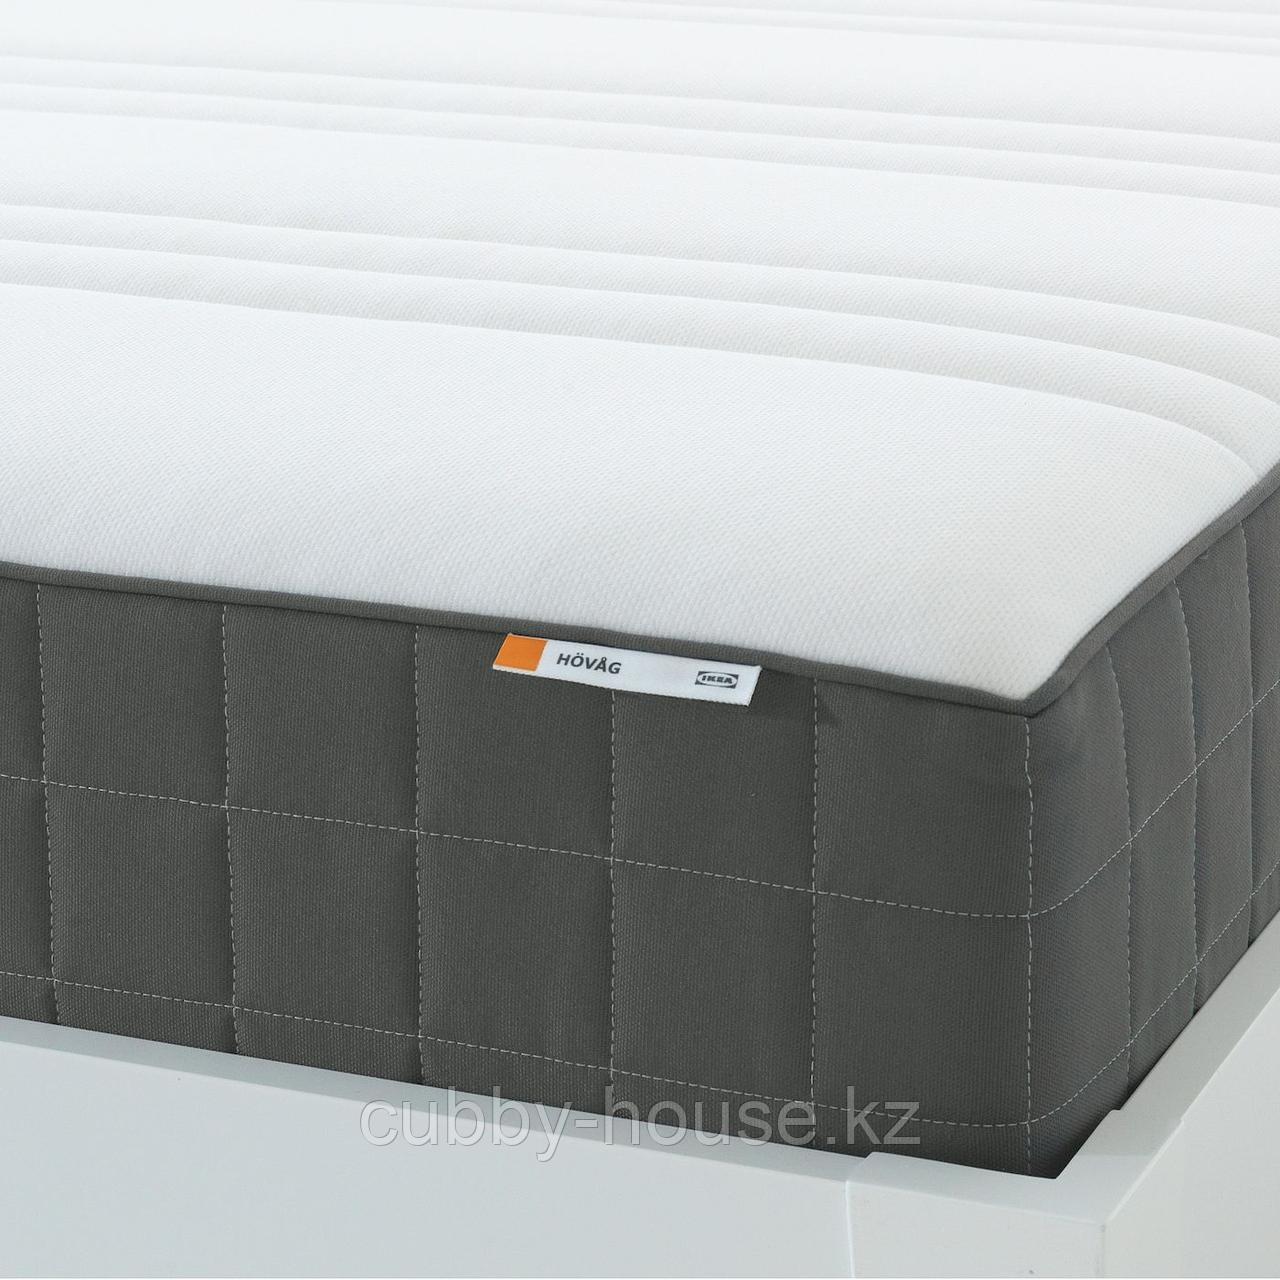 ХОВОГ Матрас с пружинами карманного типа, очень жесткий, темно-серый, 160x200 см